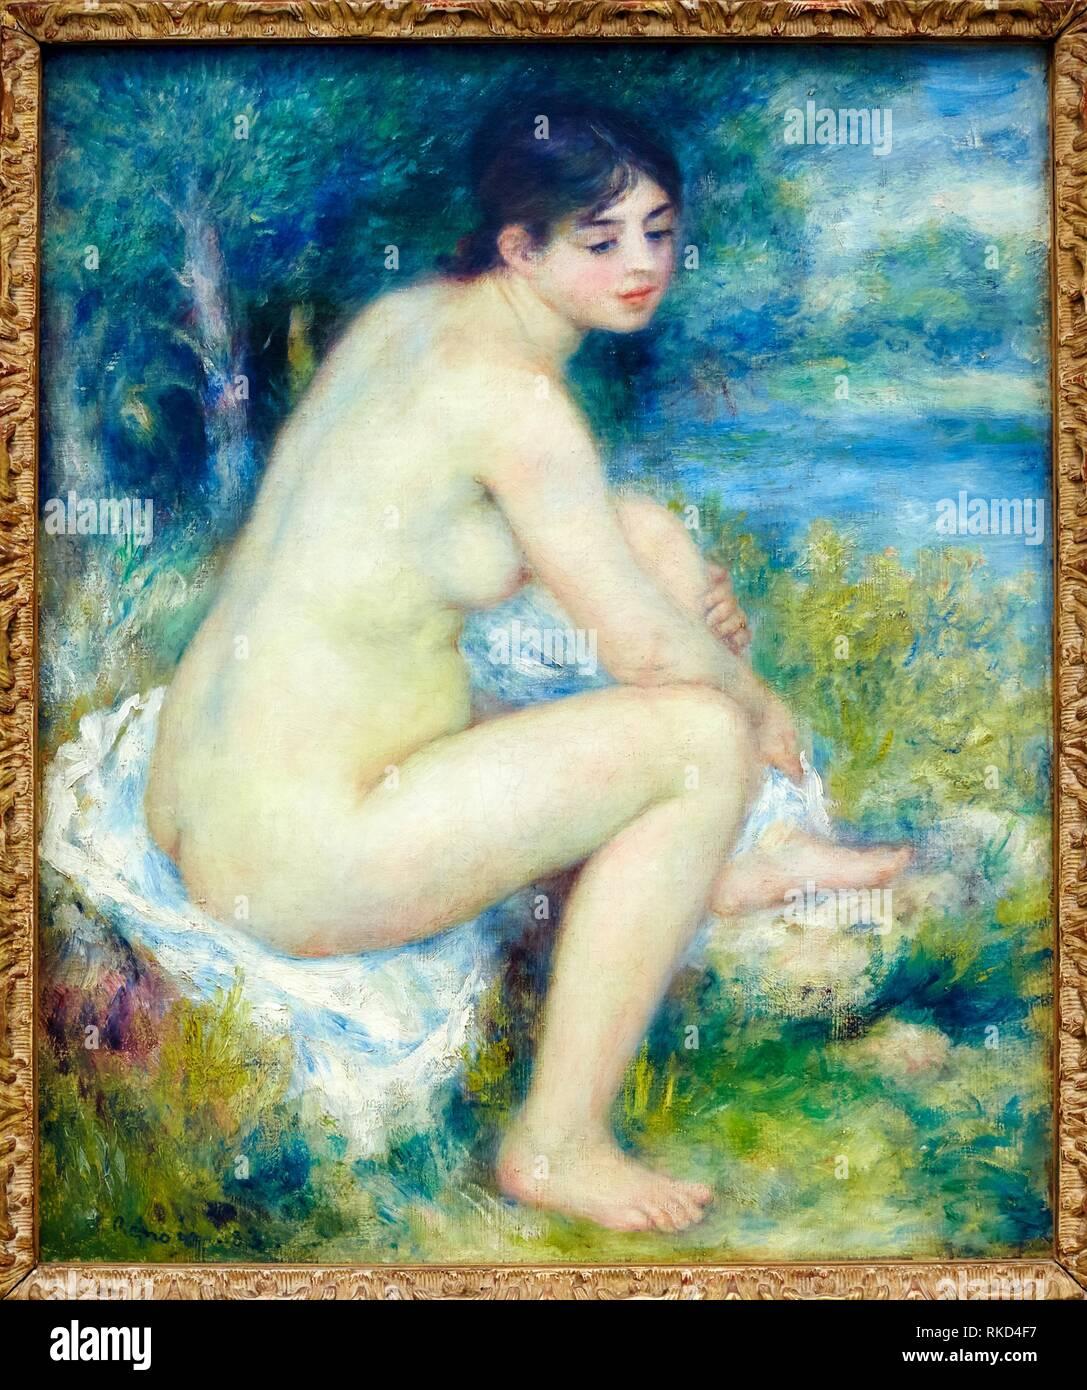 Femme nue dans un paysage, Pierre-Auguste Renoir, Musee de L'Orangerie, Tuileries, Paris, France - Stock Image